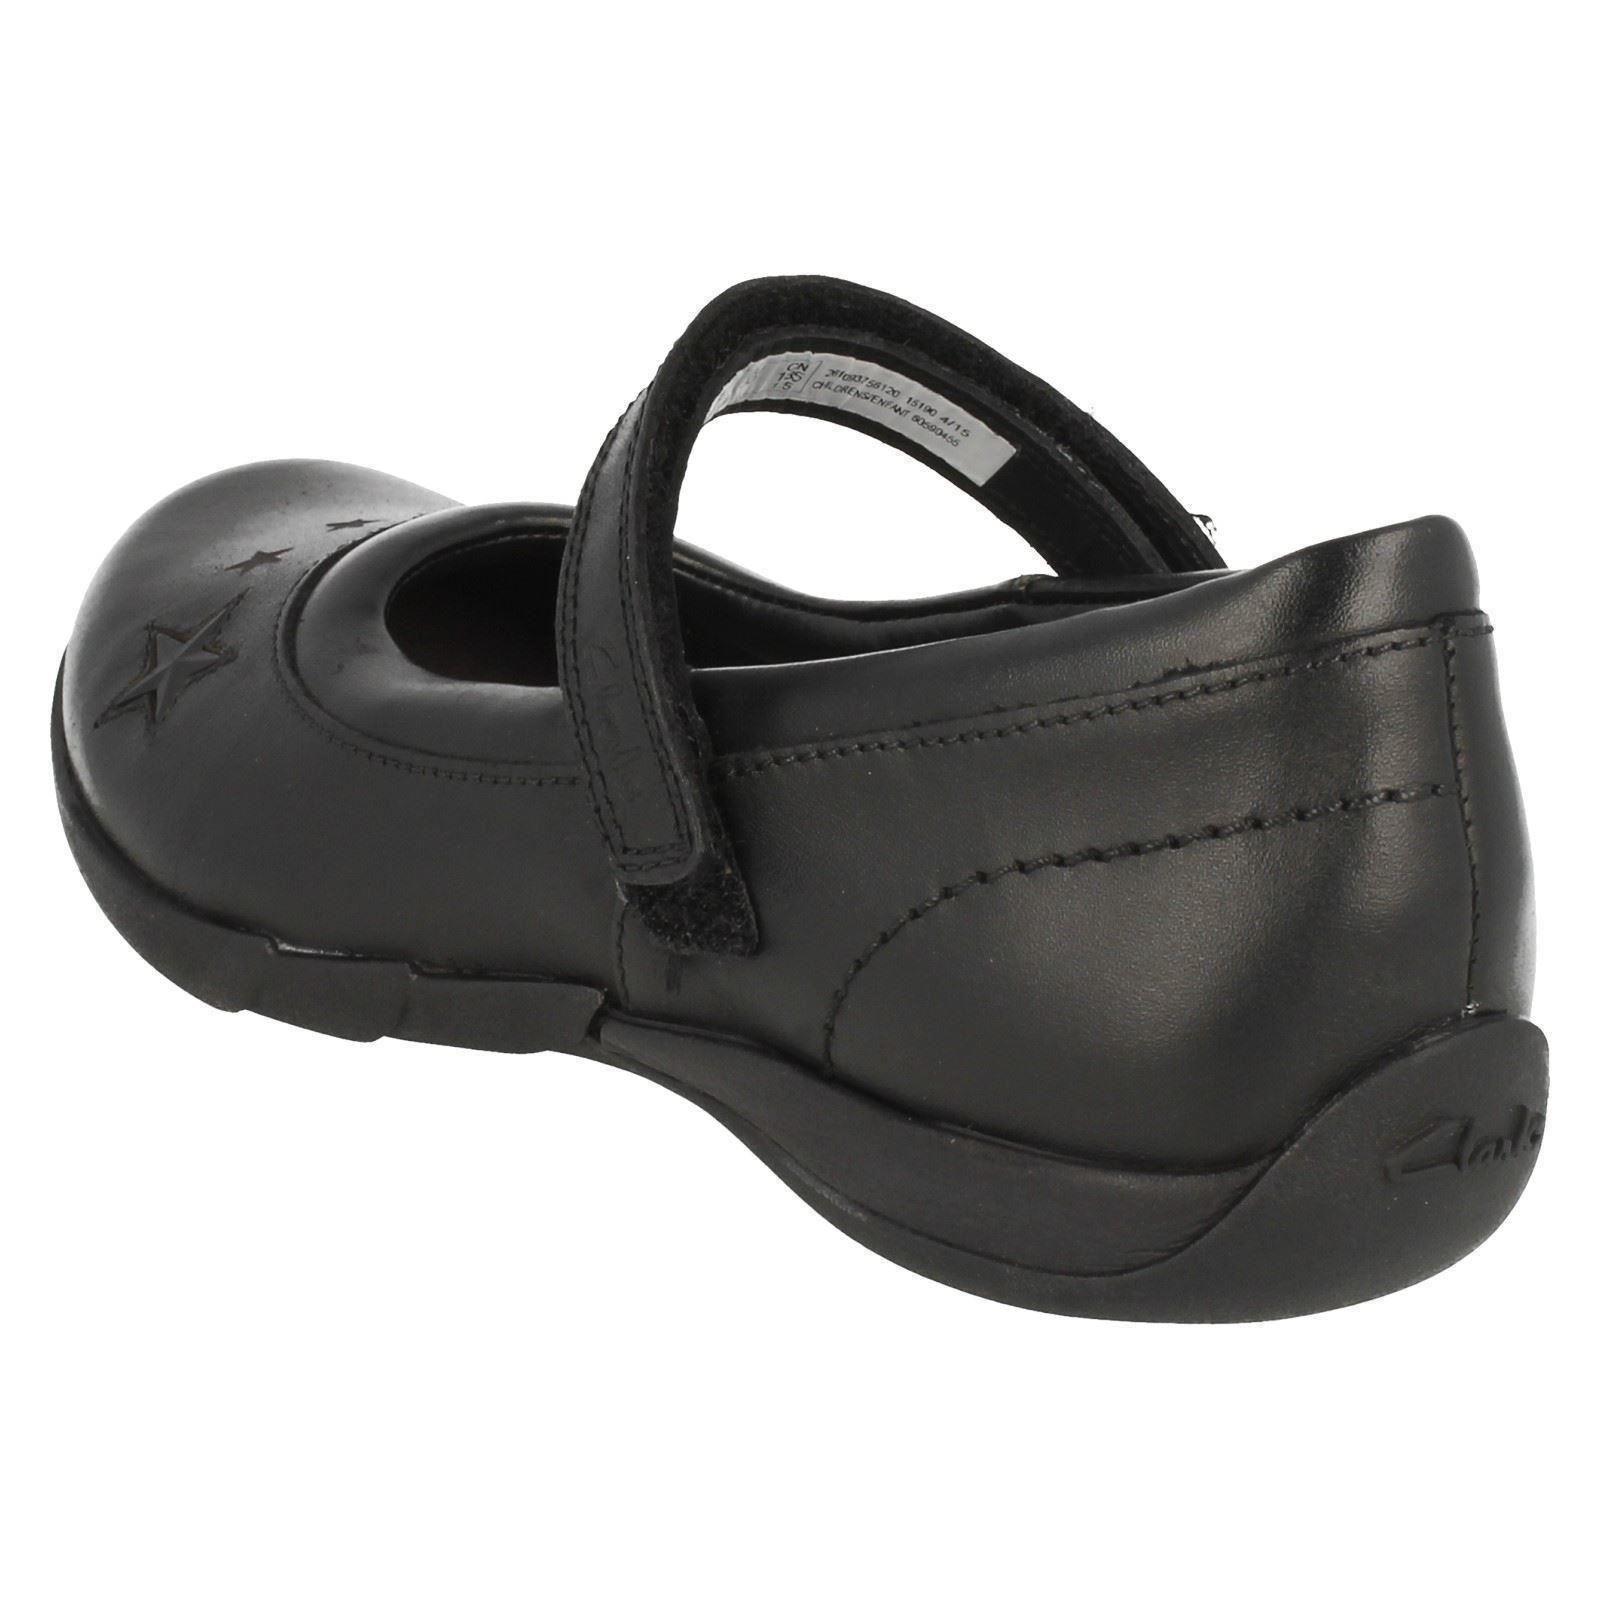 Clarks Jo Formal niñas Black para Zapatos School Lexie dYwxW1